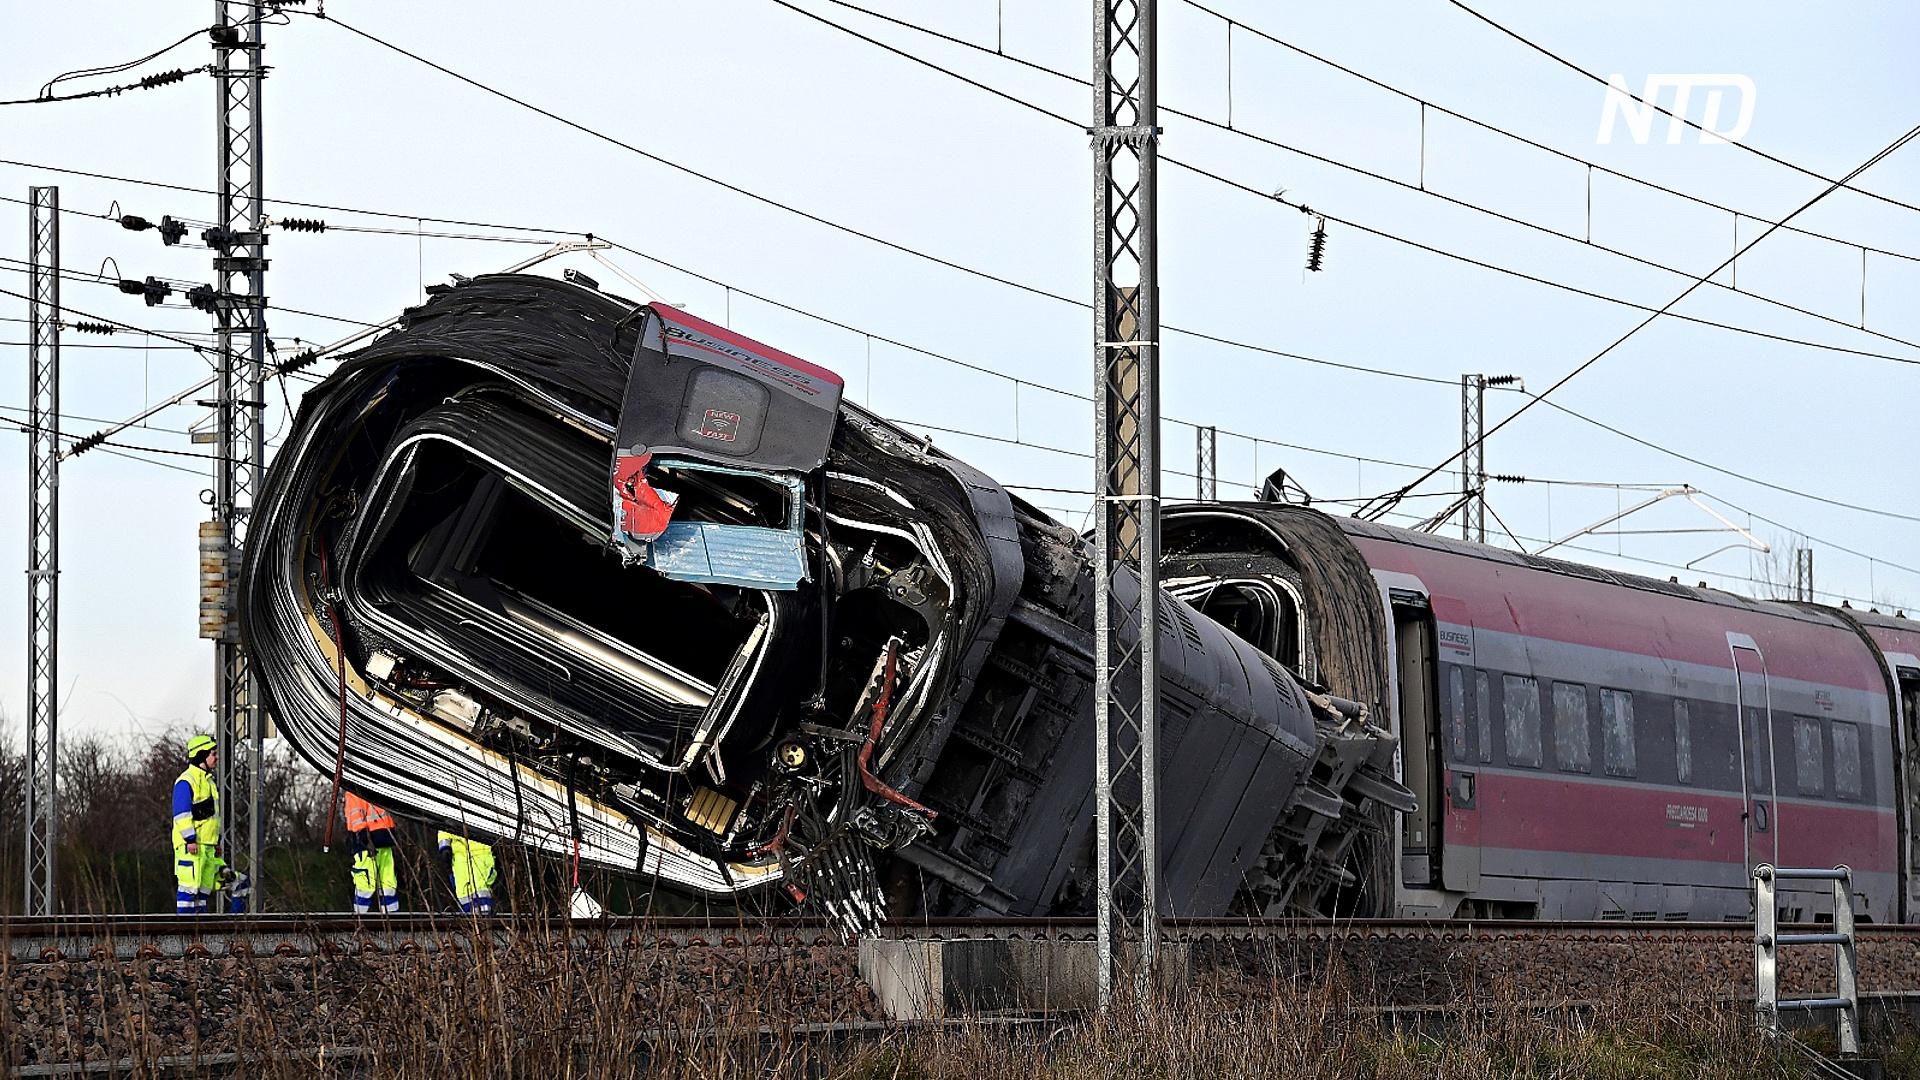 Под Миланом сошёл с рельсов пассажирский поезд, есть жертвы